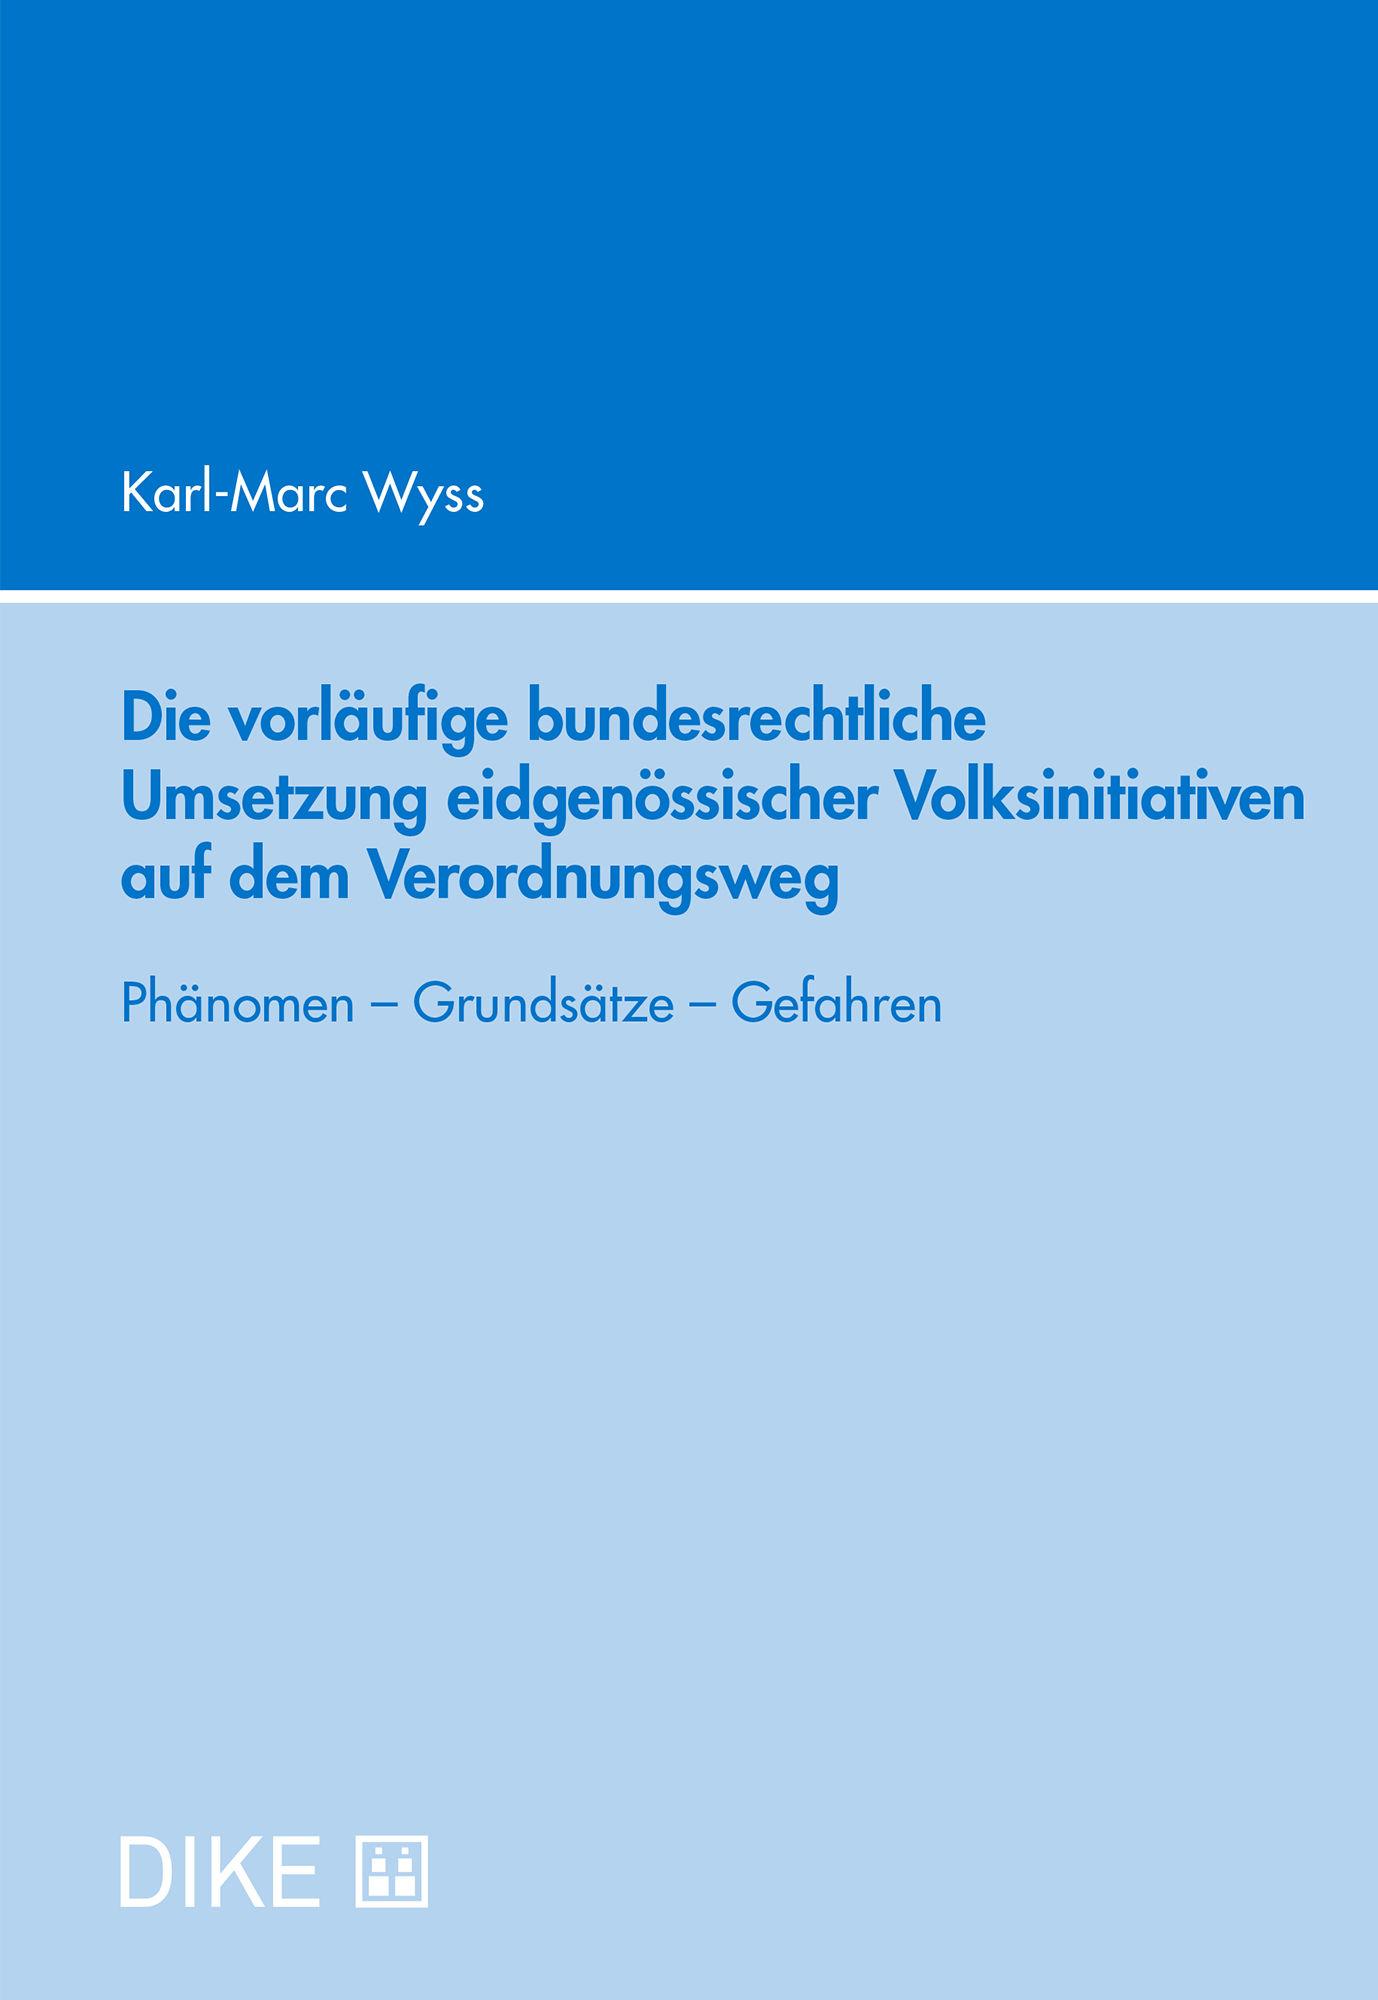 Die vorläufige bundesrechtliche Umsetzung eidgenössischer Volksinitiativen auf dem Verordnungsweg